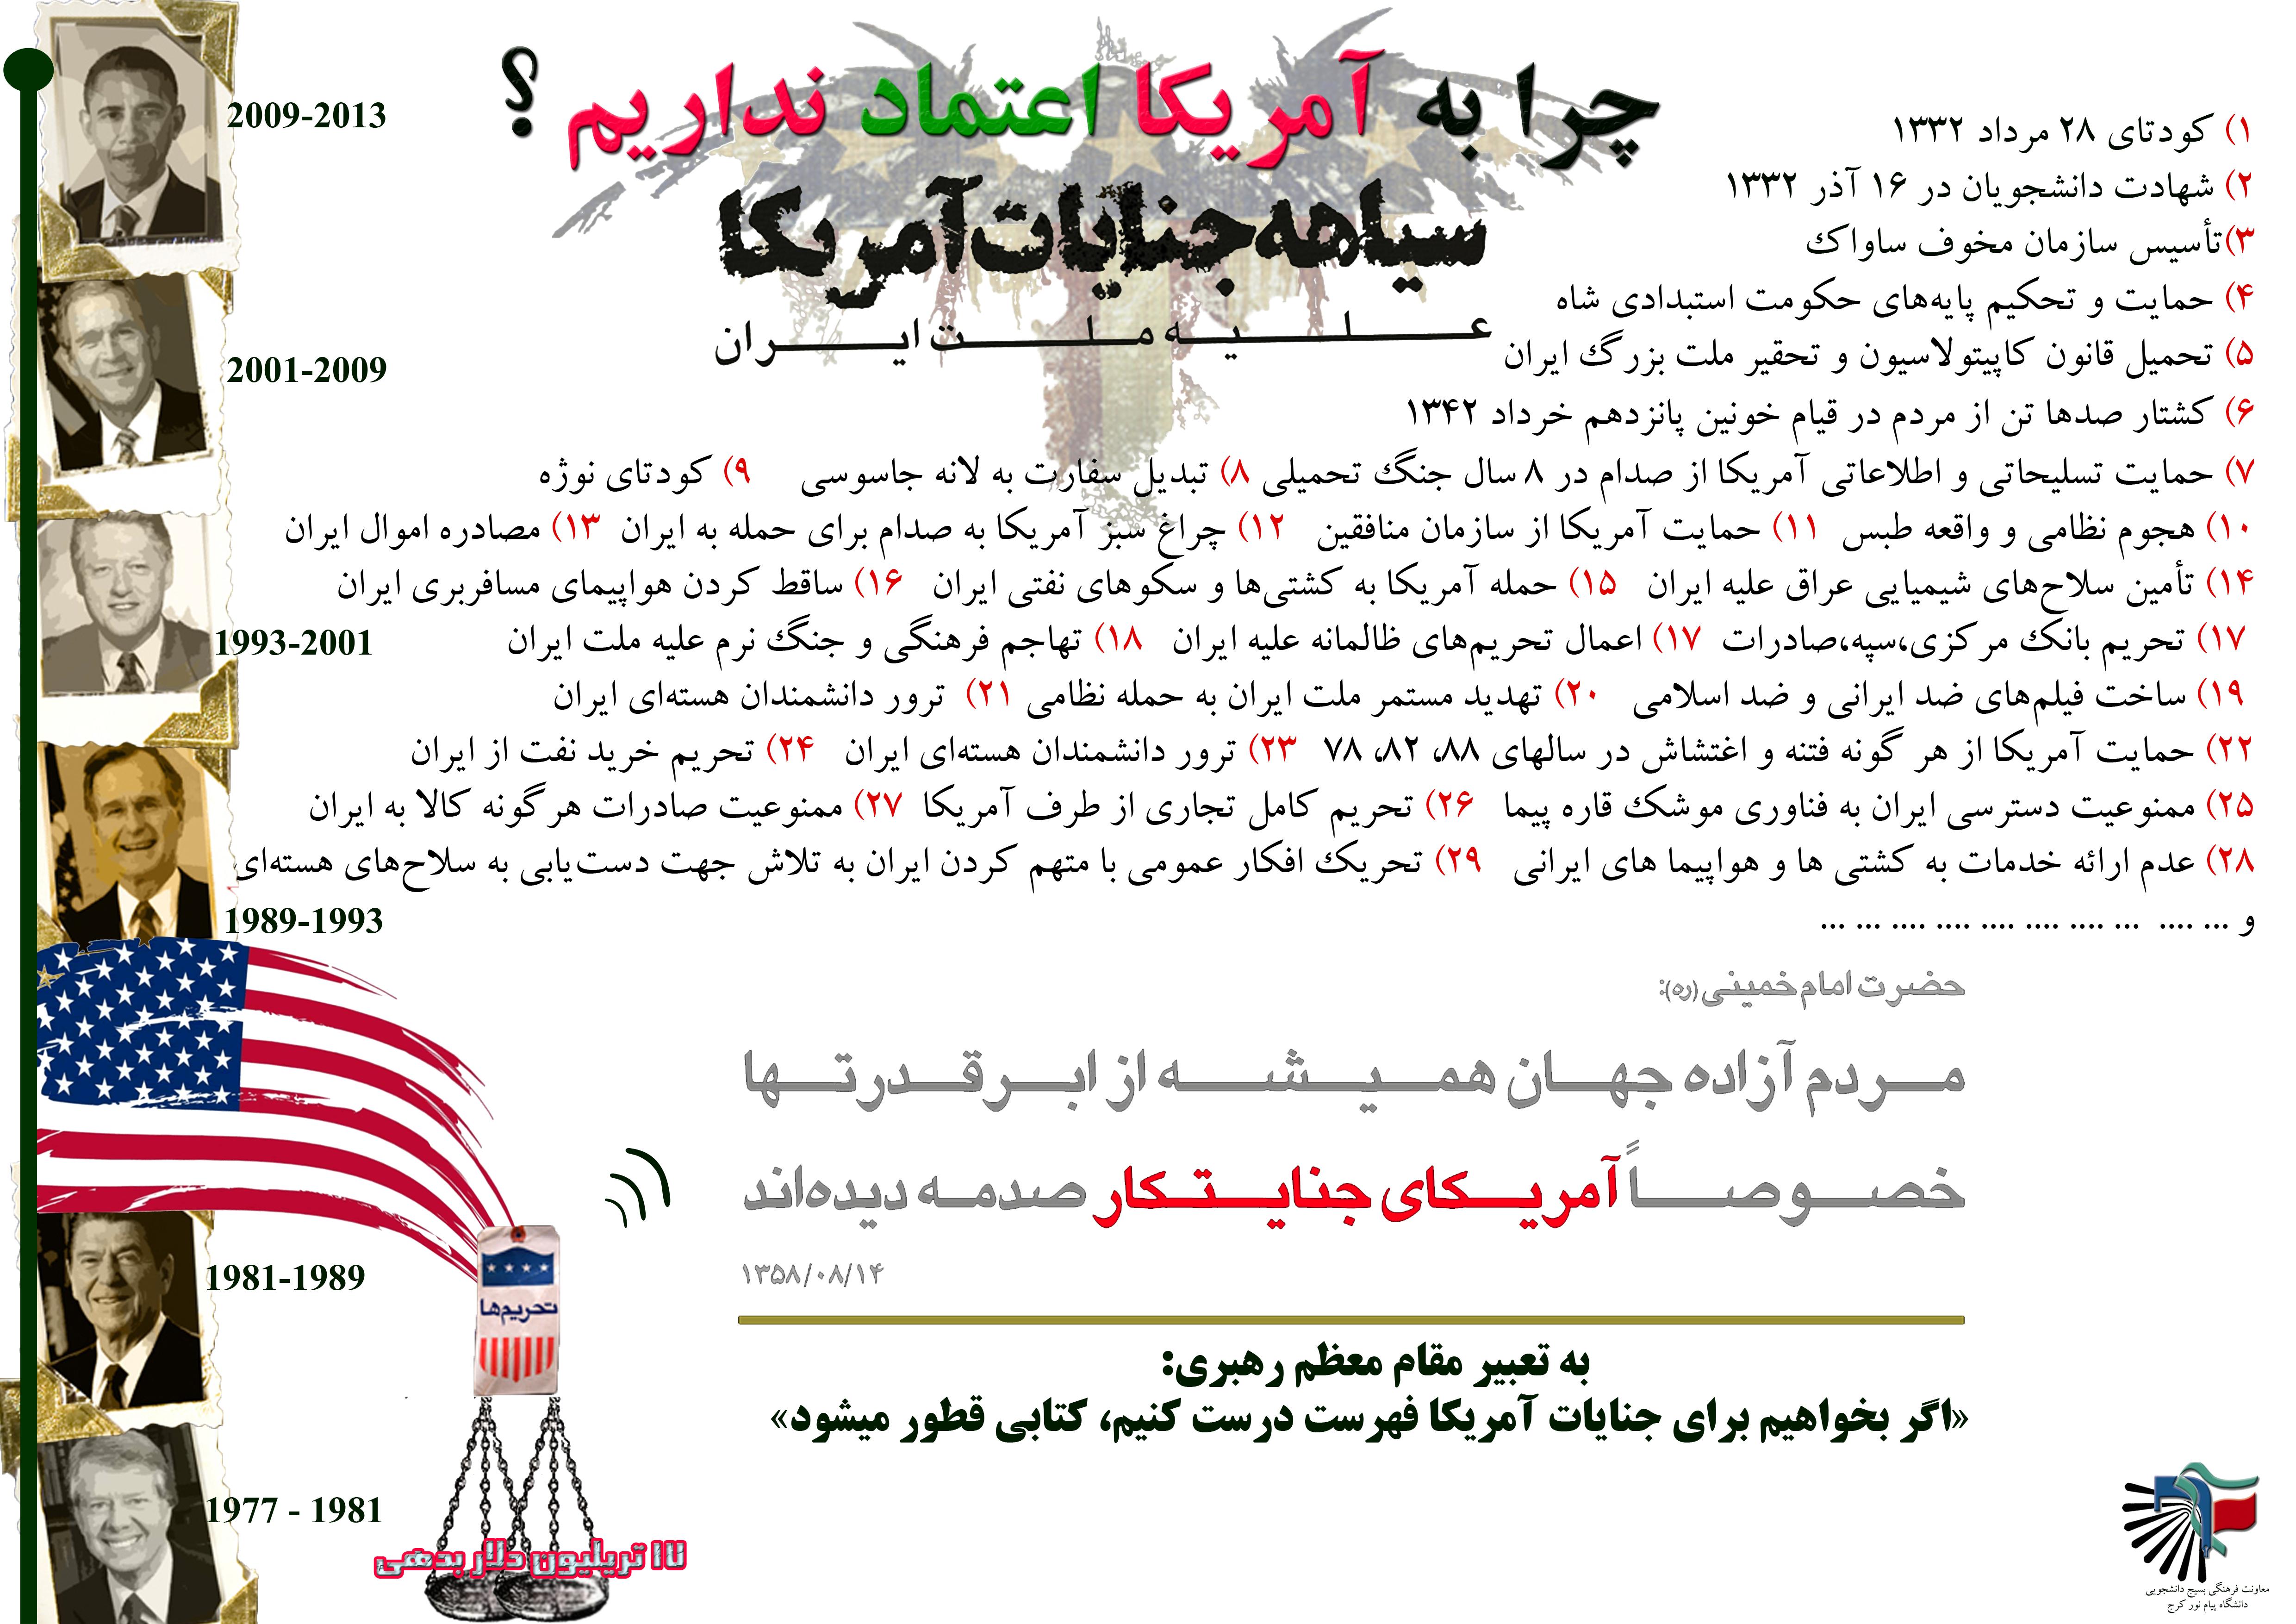 لیست جنایات ۶۰ ساله آمریکا علیه ملت ایران